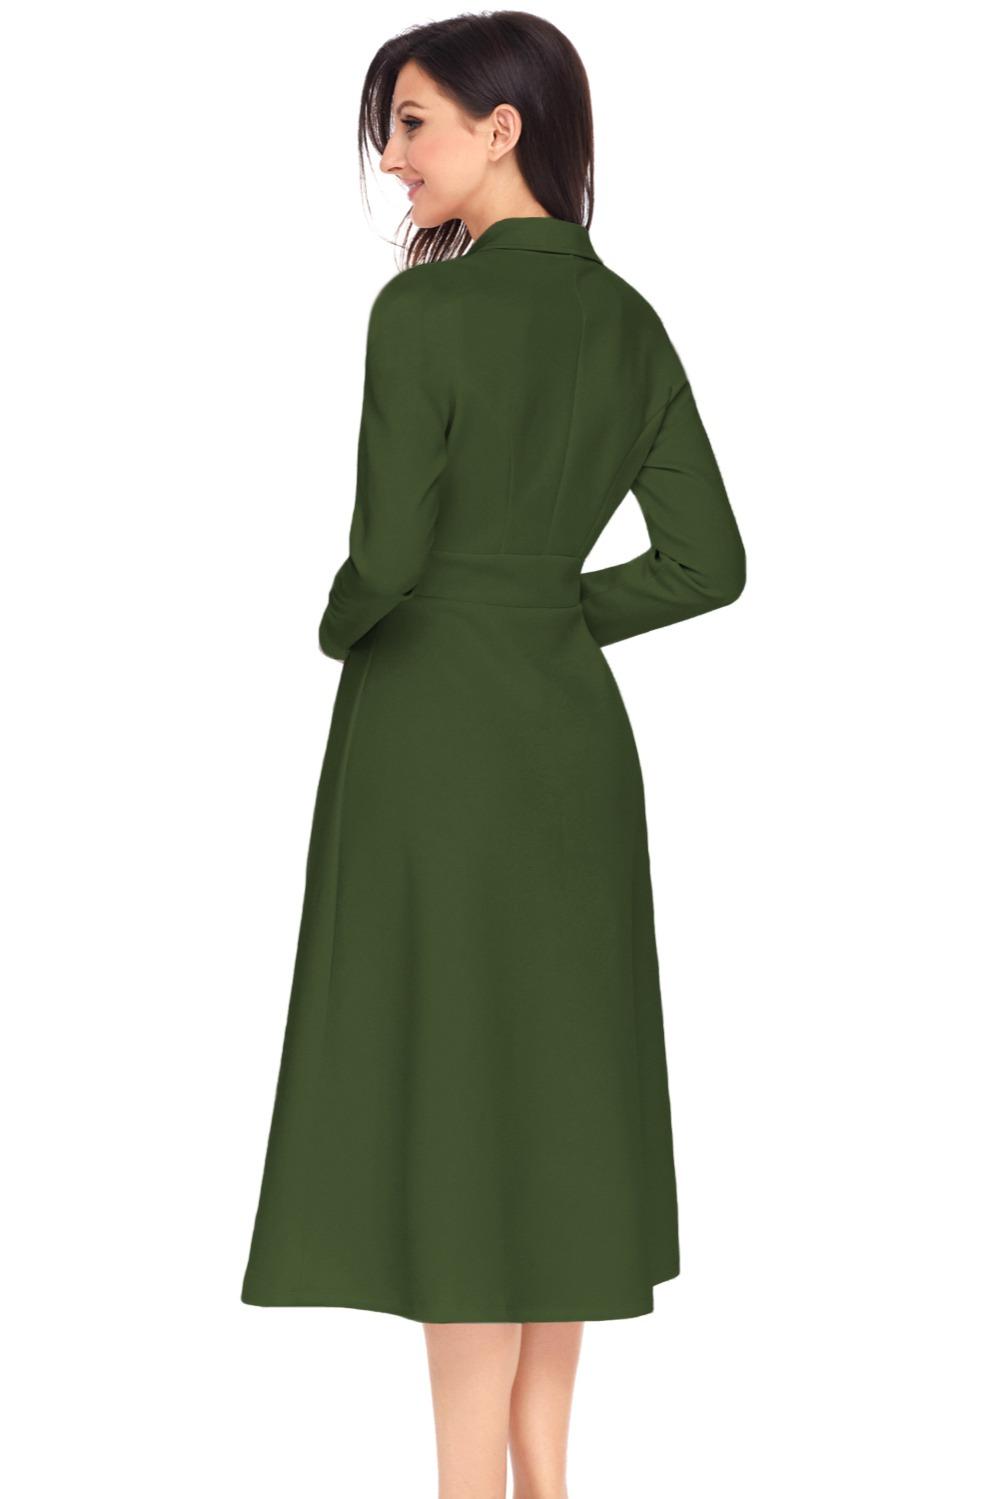 923bc9a7a Robe hiver 2018 otoño nueva moda Oficina señora swing Vestidos elegante  vintage muesca botón de ajuste y flare mediados -becerro lc61803